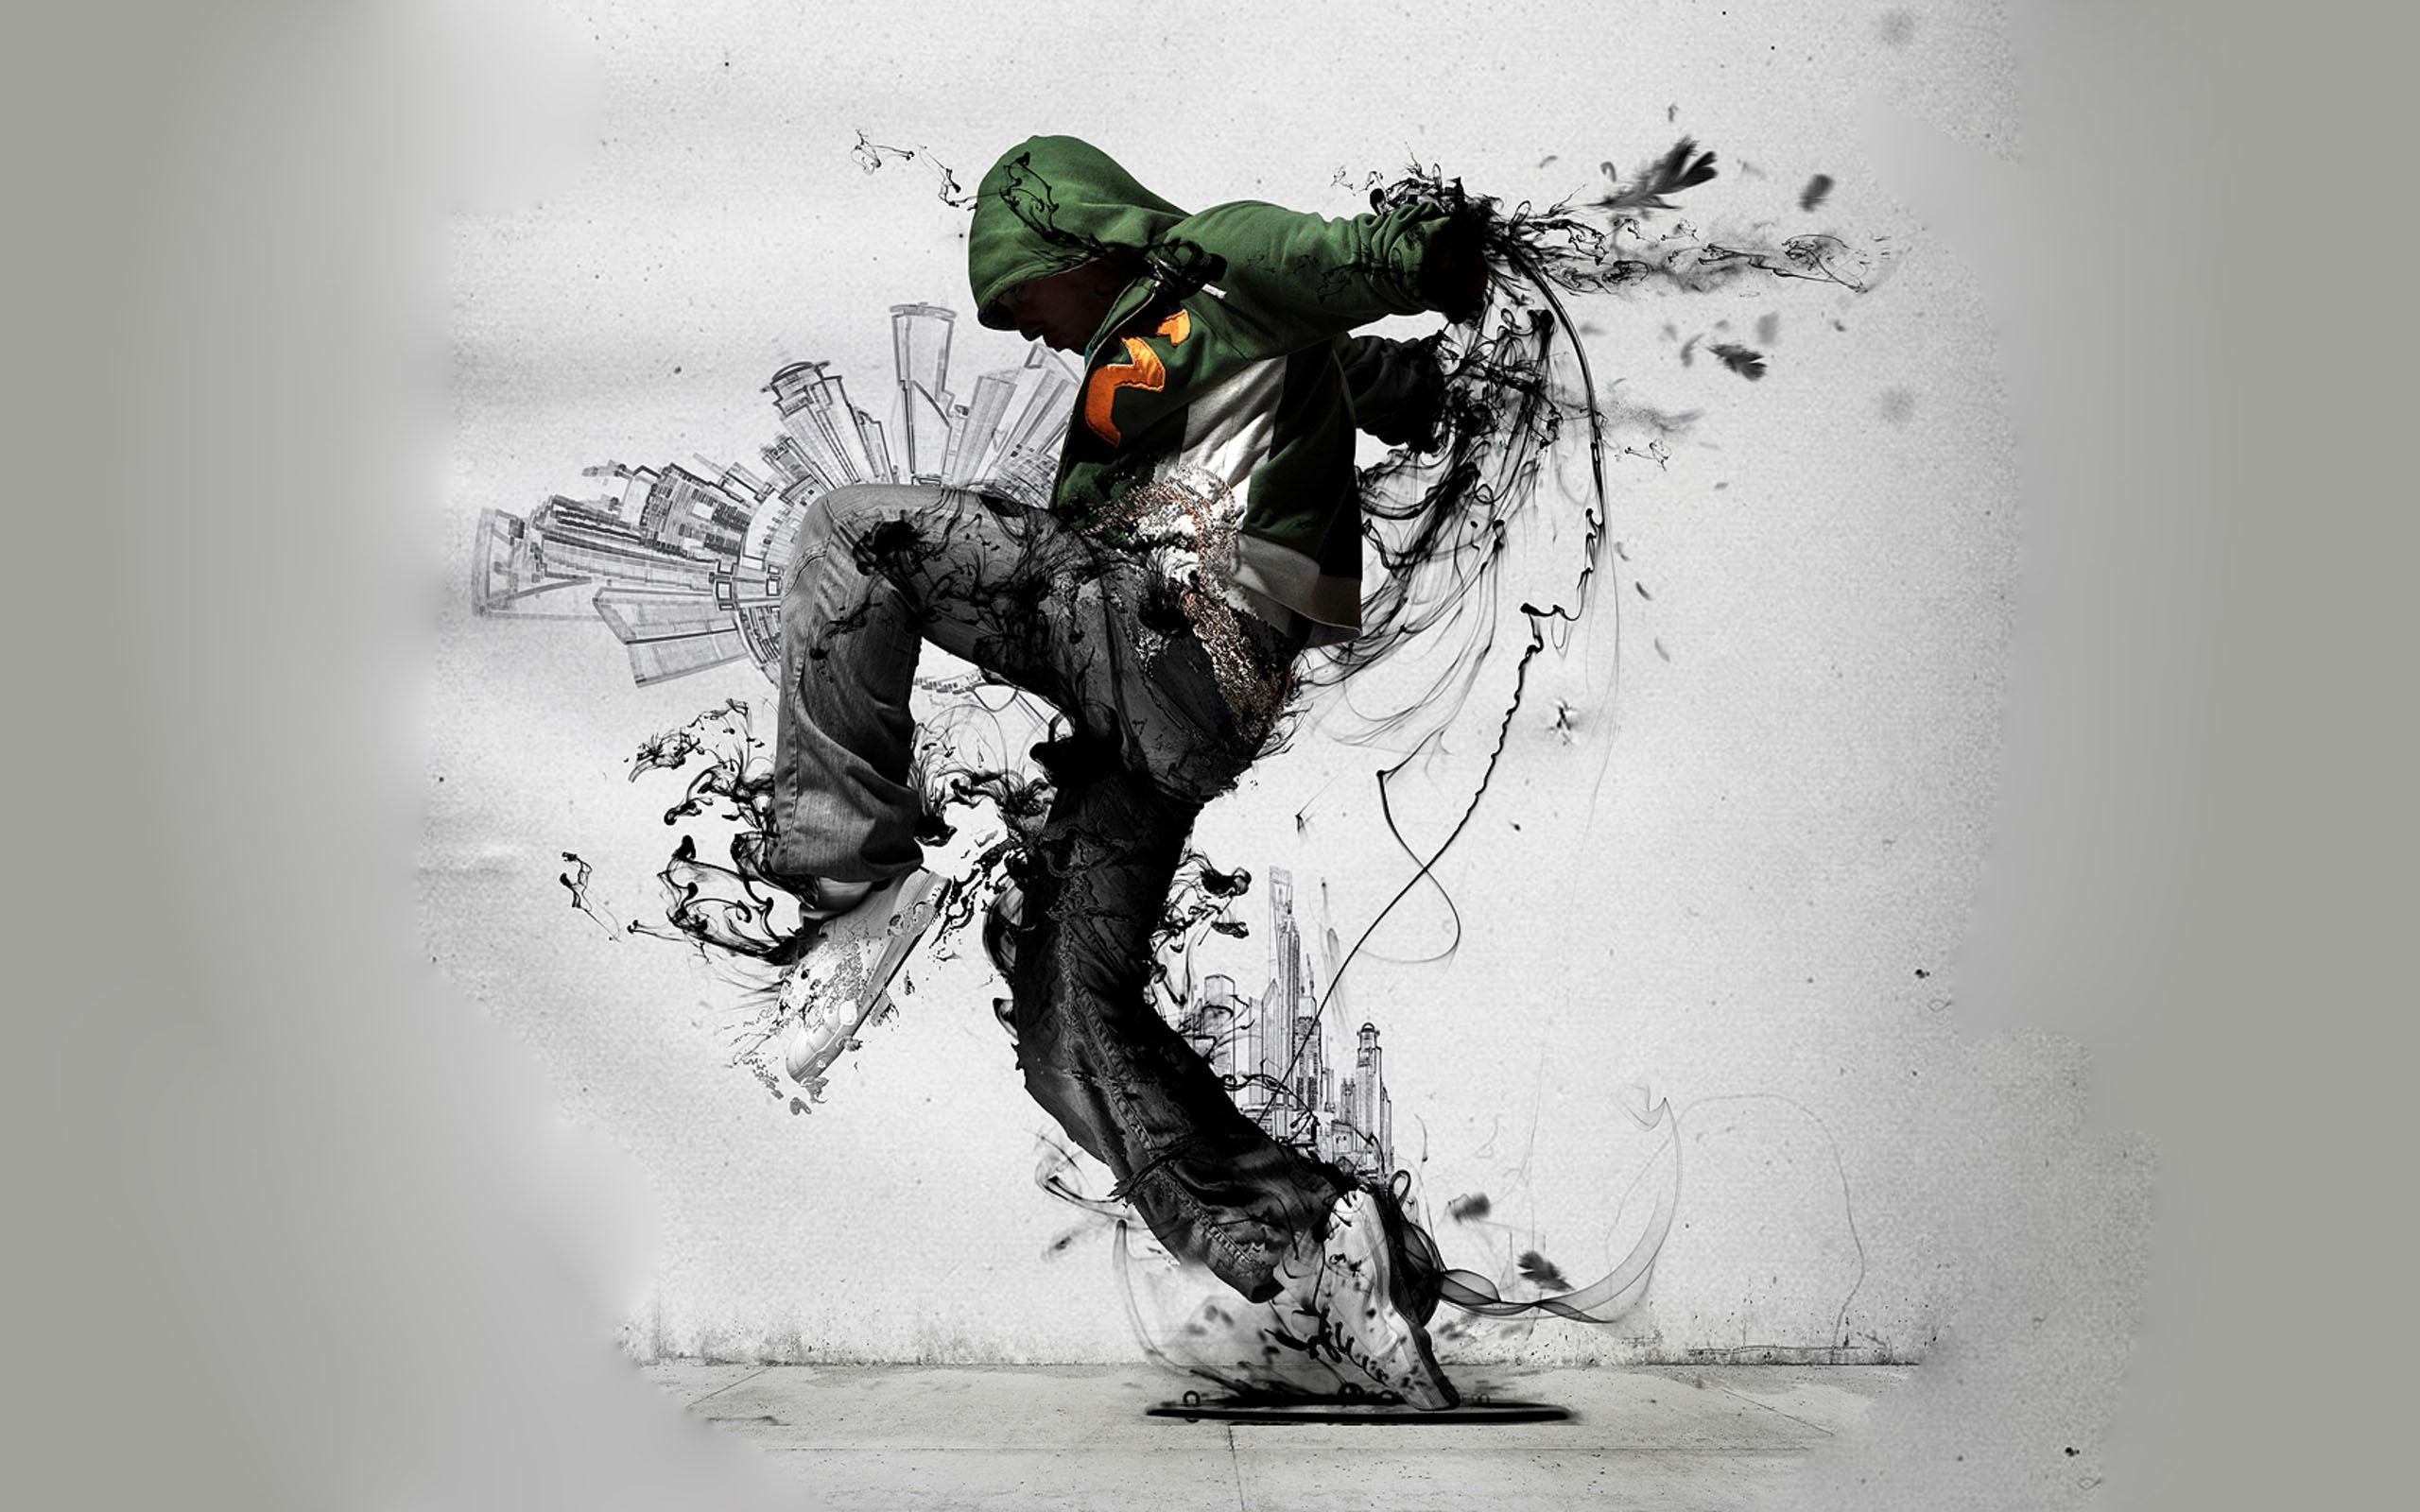 3D HD Wallpaper Hip-Hop Dance 2560×1600 - High Definition